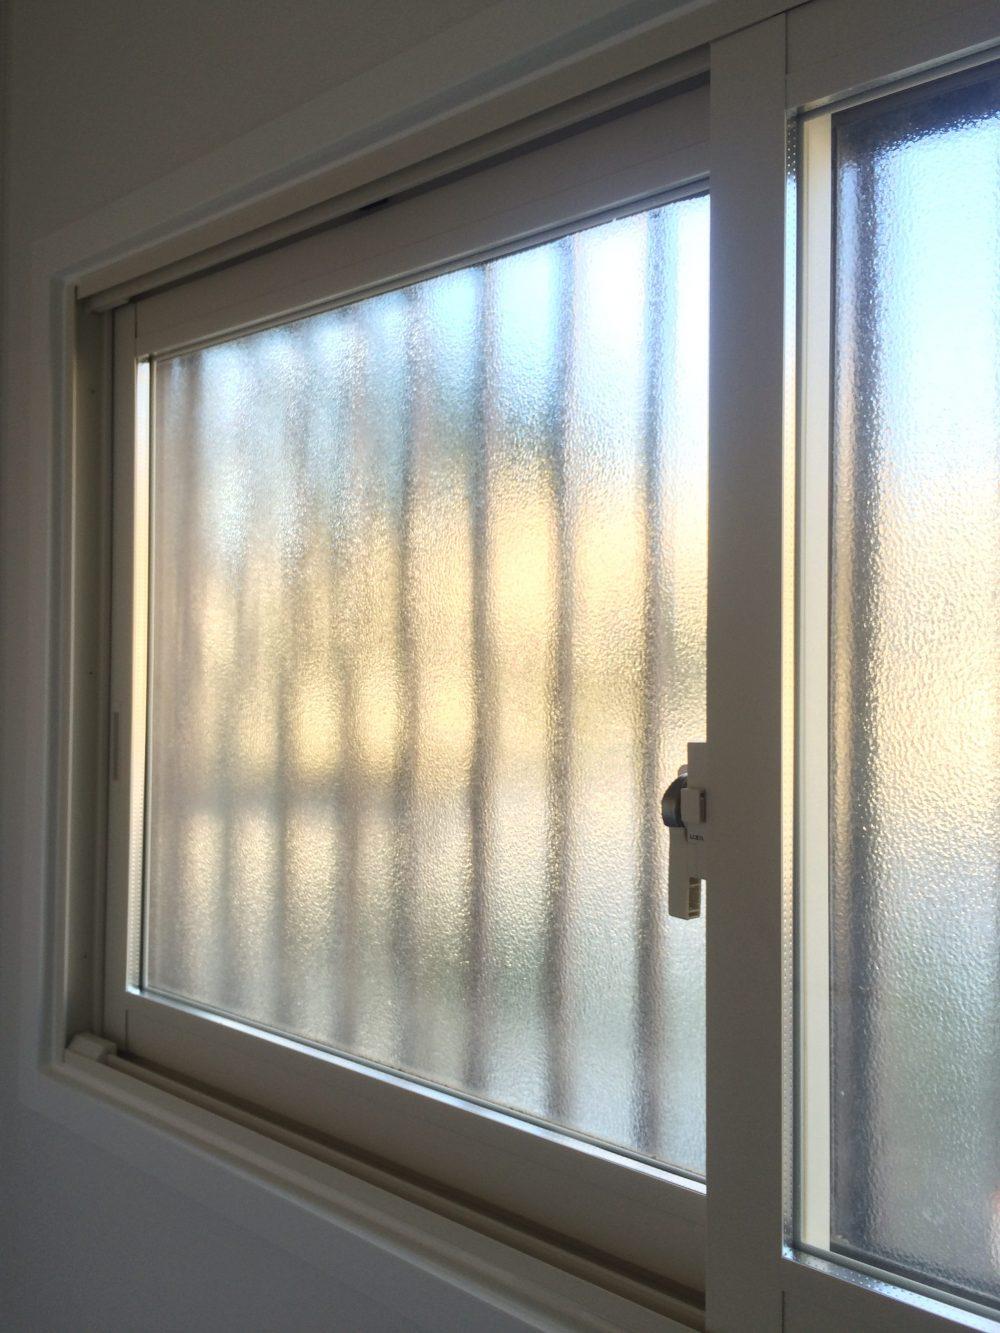 高崎市へ浴室・内窓リフォームの完了検査に行ってきました。 – ミヤケンリフォーム